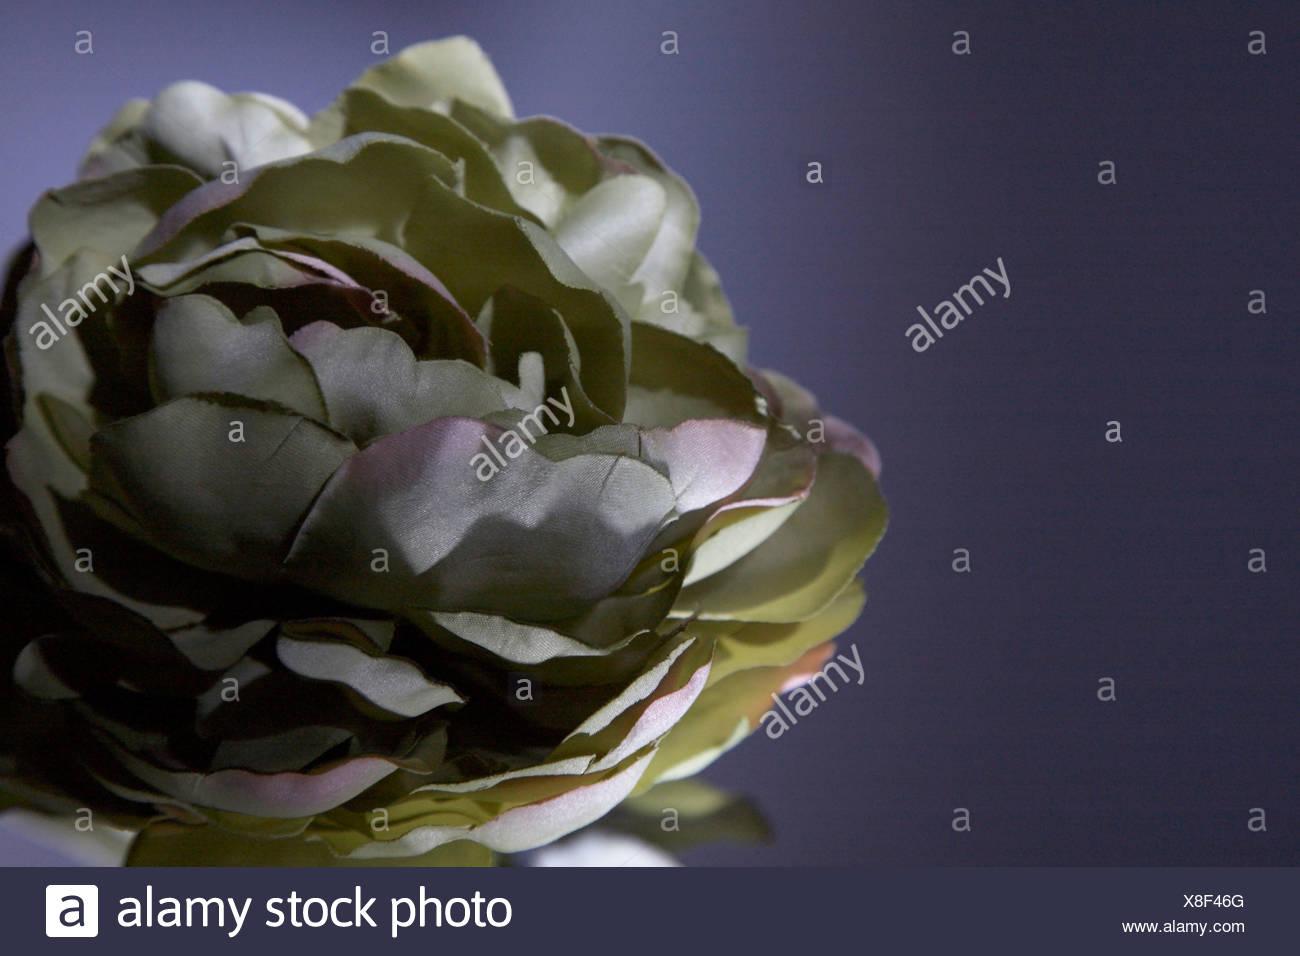 Silk flower on dark background stock photo 280615736 alamy silk flower on dark background mightylinksfo